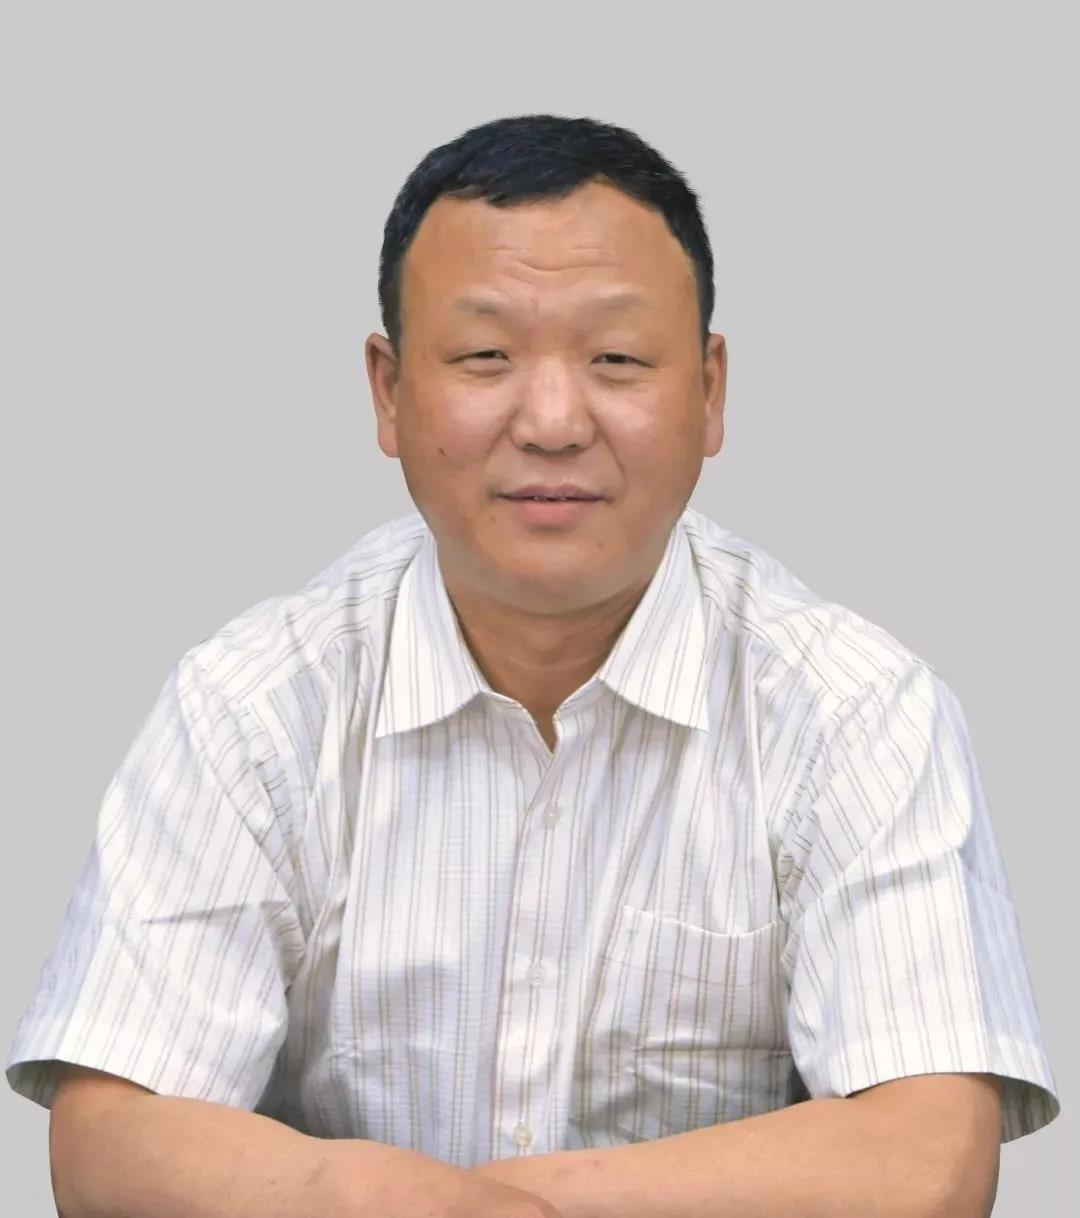 【北京kok平台新用户送彩金企业kok登录】2020年3月25日星期三(庚子鼠年三月初二)